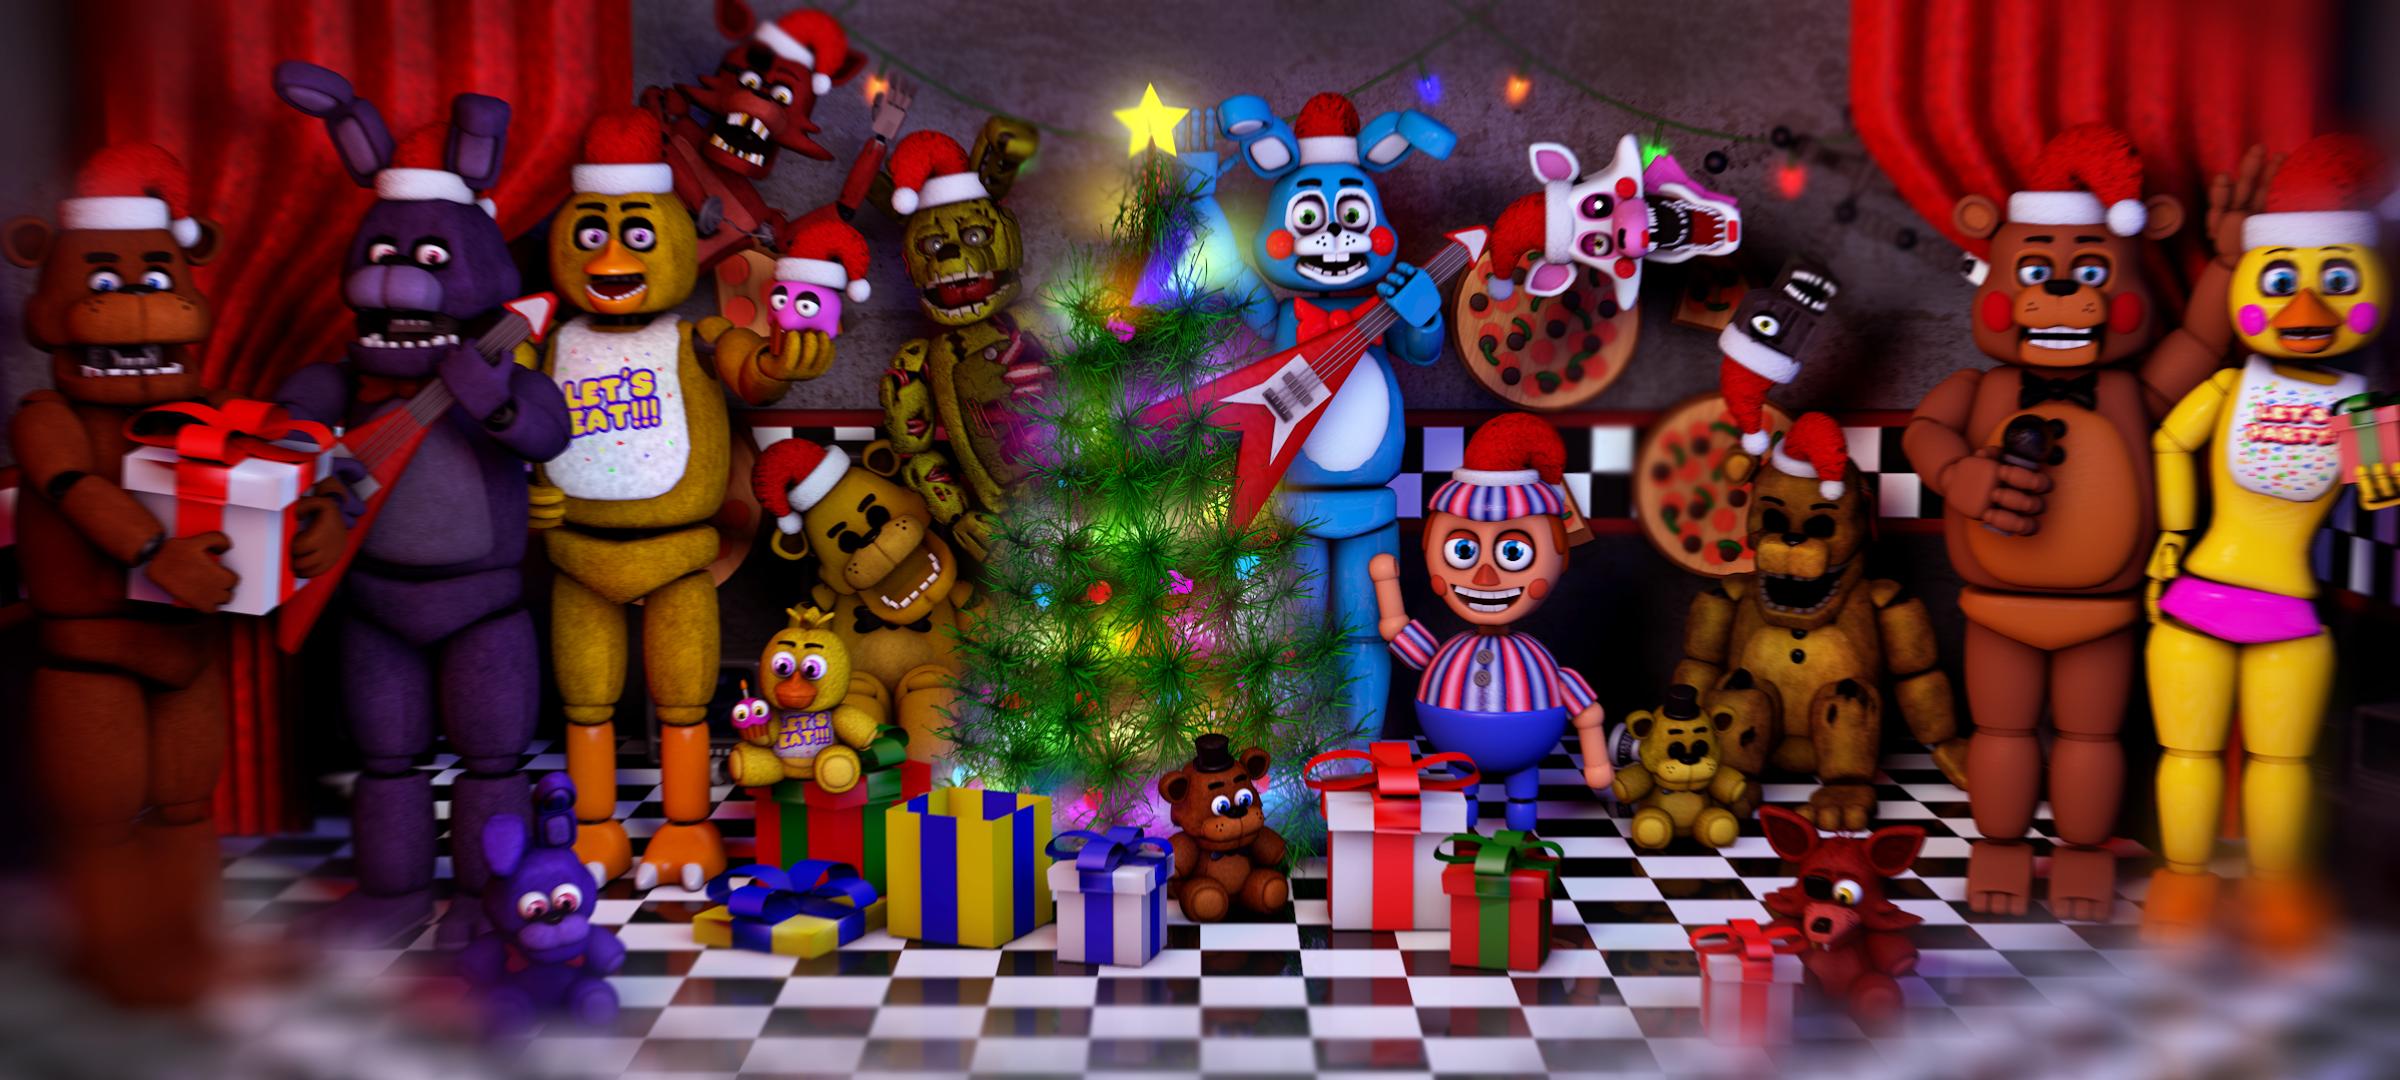 Fnaf Christmas.Sfm Fnaf Merry F Luchainstitute